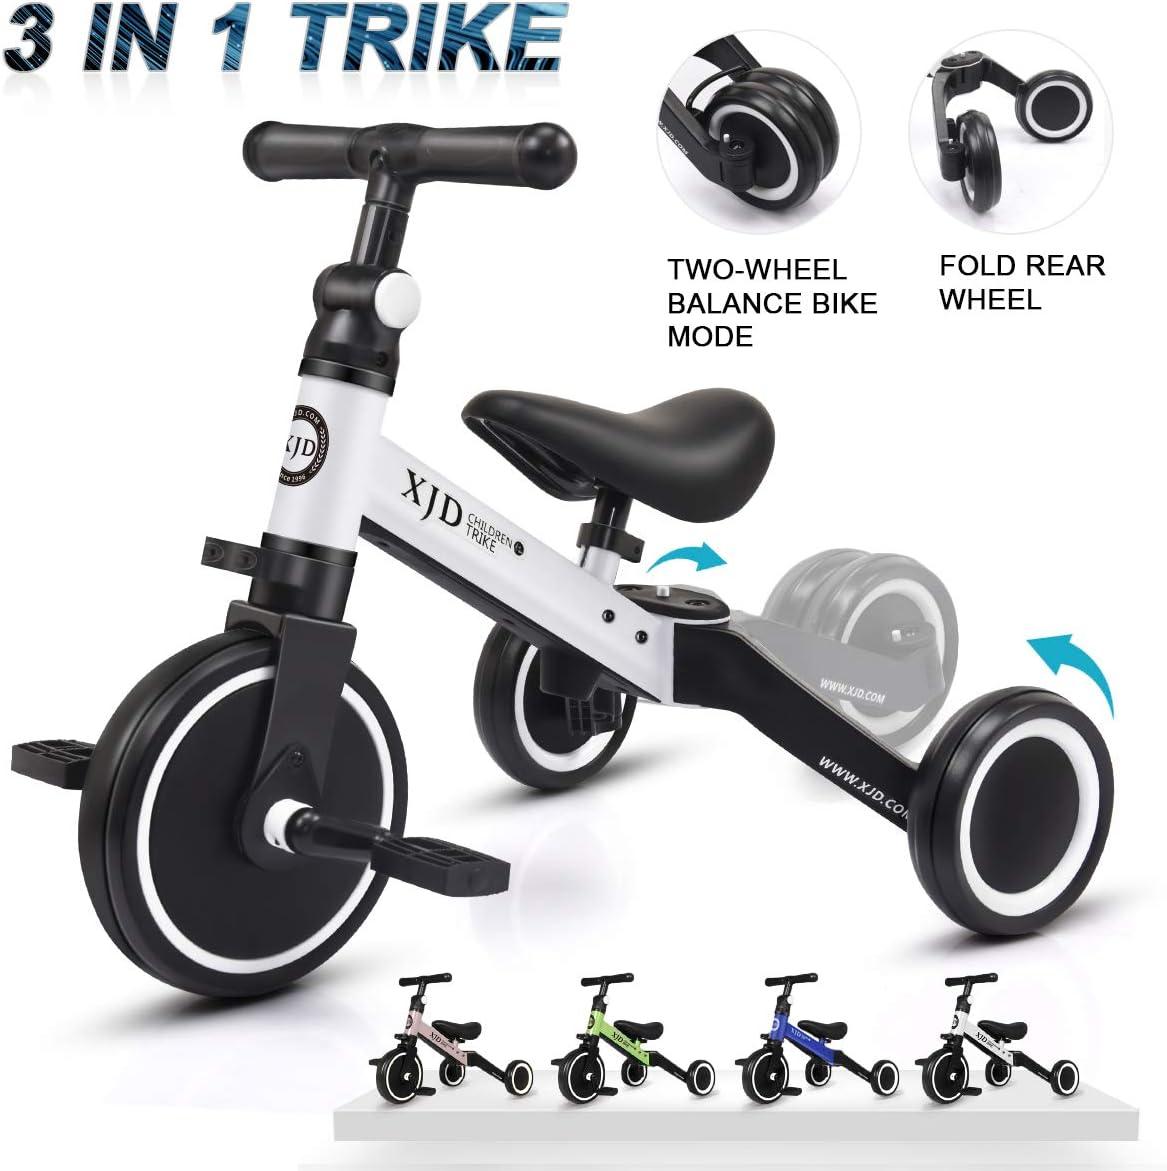 XJD 3 en 1 Triciclo para Niños con Pedales Ligero y Plegable Triciclo Bicicleta para Niño y Niña de 2 a 4 años con CE Certificación con Bolsa de Transporte (Blanco)